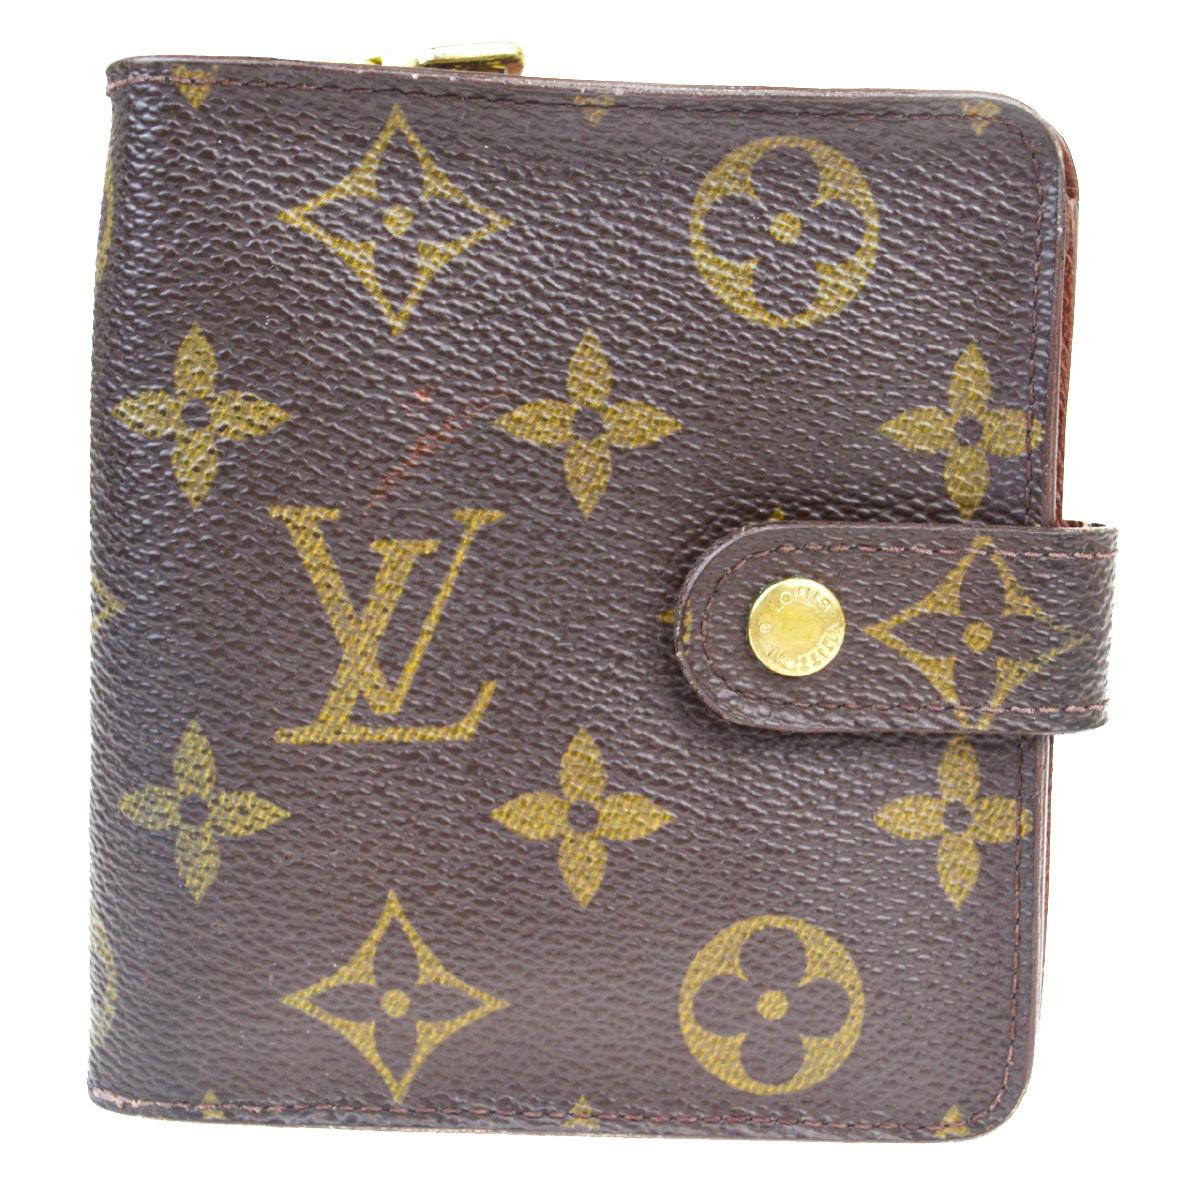 【中古】 ルイ・ヴィトン(Louis Vuitton) モノグラム コンパクトジップ M61667 レザー 財布(二つ折り) ブラウン 07FA950